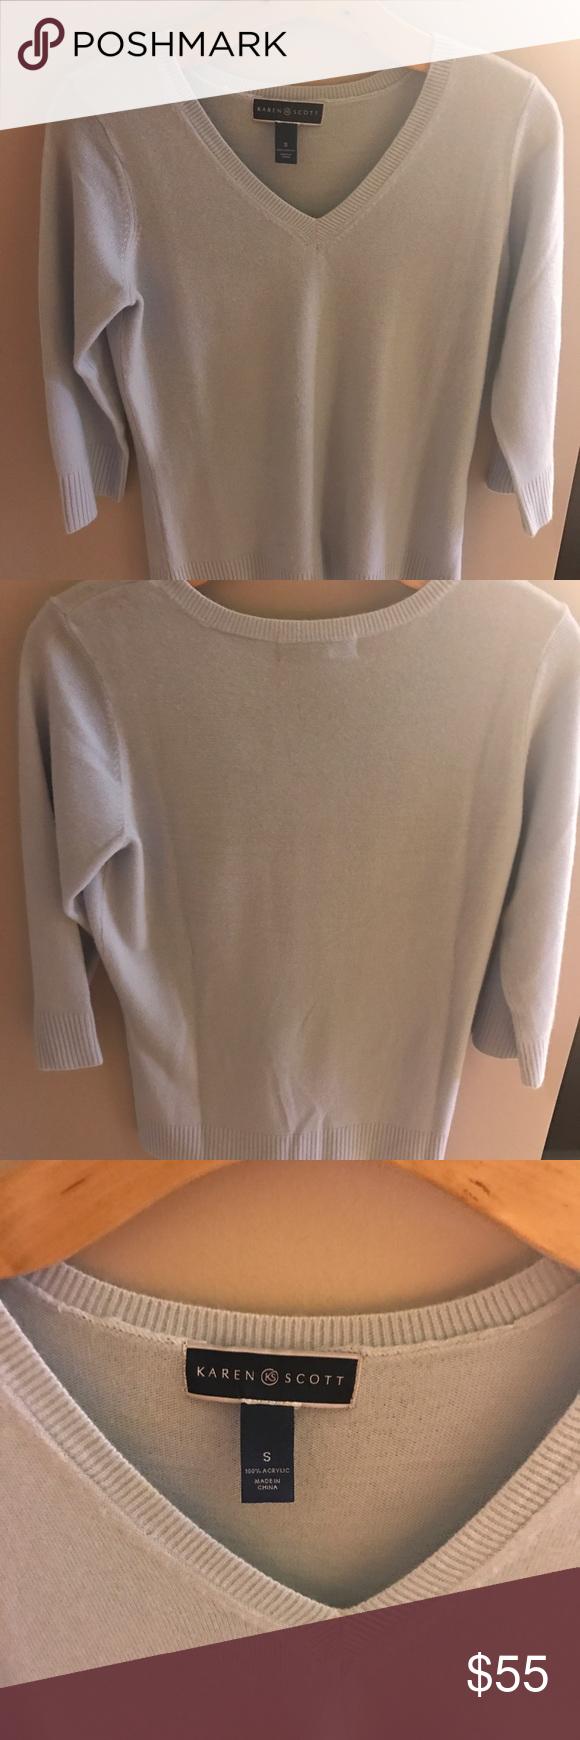 Karen Scott Dusty blue V-neck sweater Brand new. Never worn. No tags. Karen Scott Sweaters V-Necks